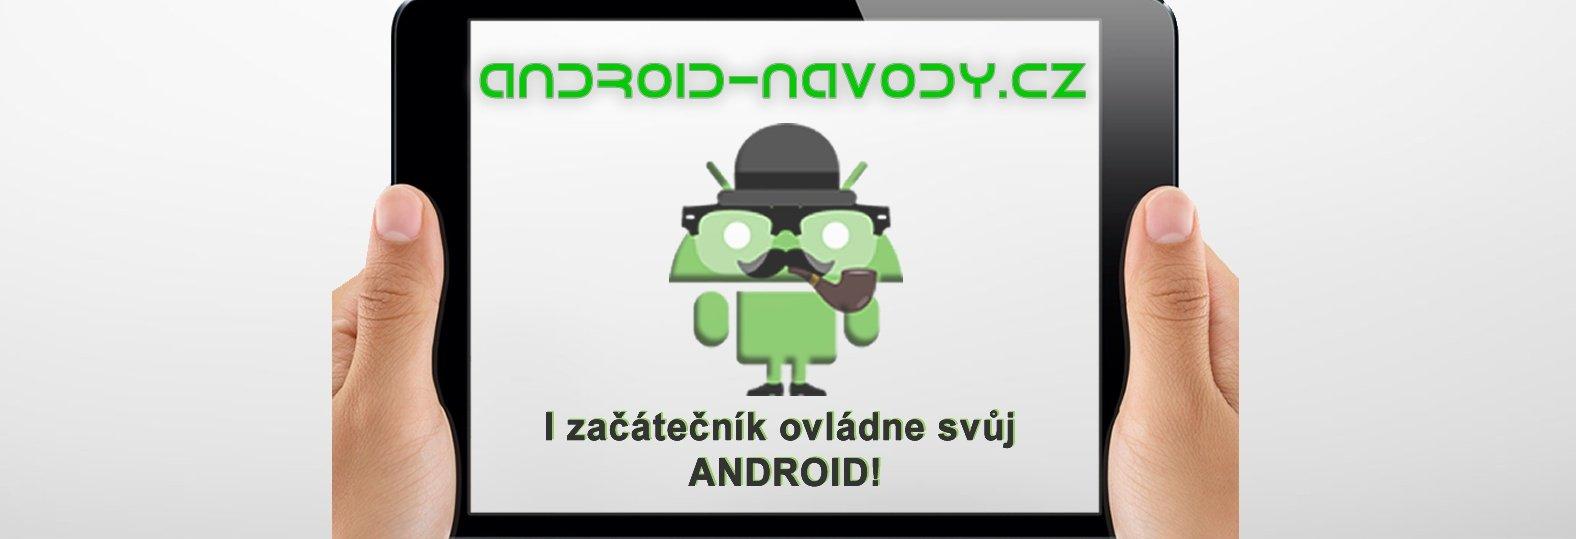 Obrázek: android-navody.cz